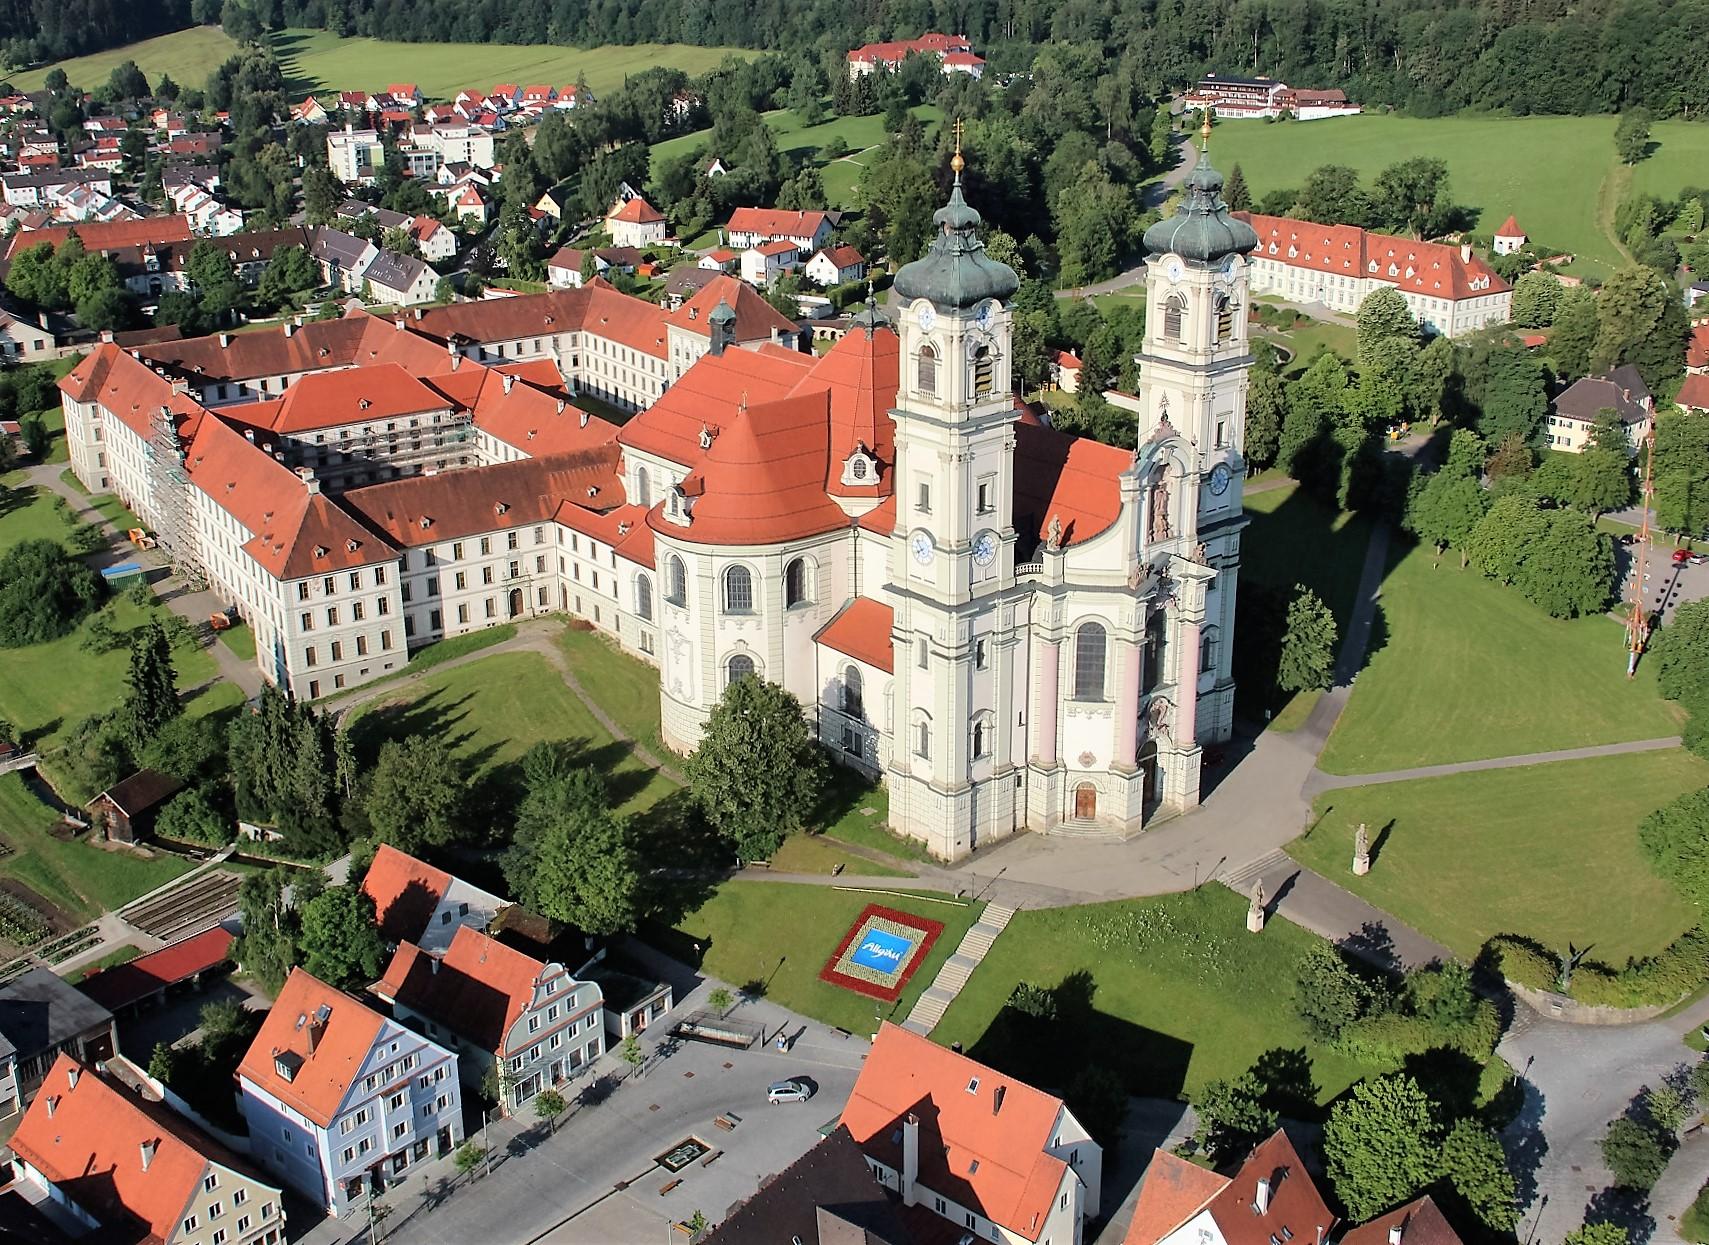 Basilika Ottobeuren ©Walter Engel